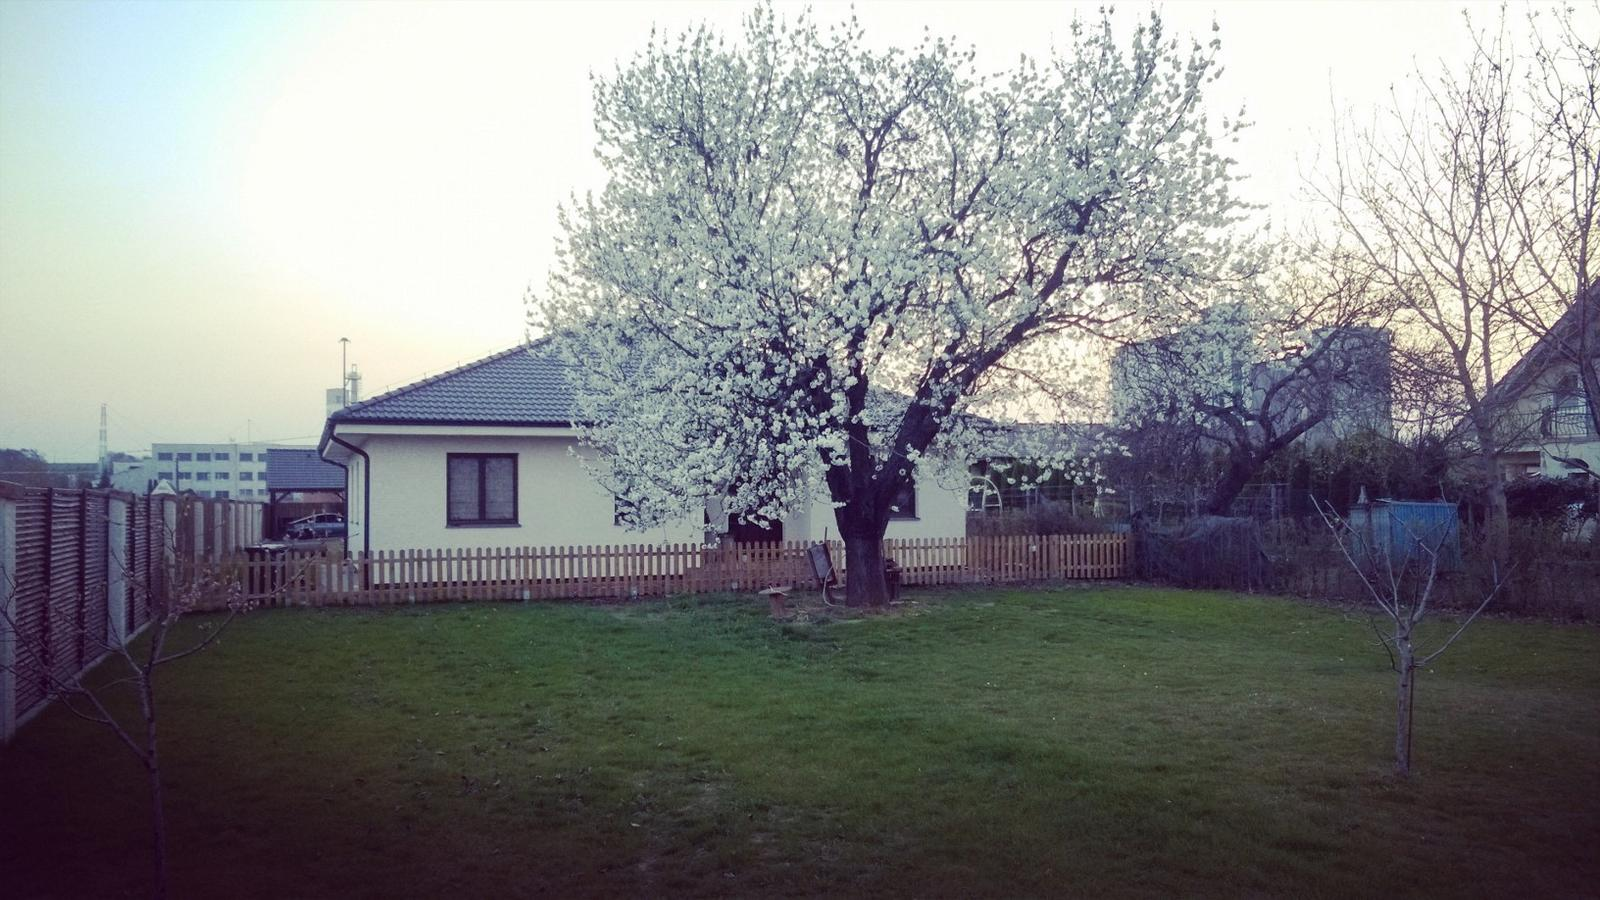 Náš domov :) - Tuto asi 100ročnu nádheru mame pred domom 😉